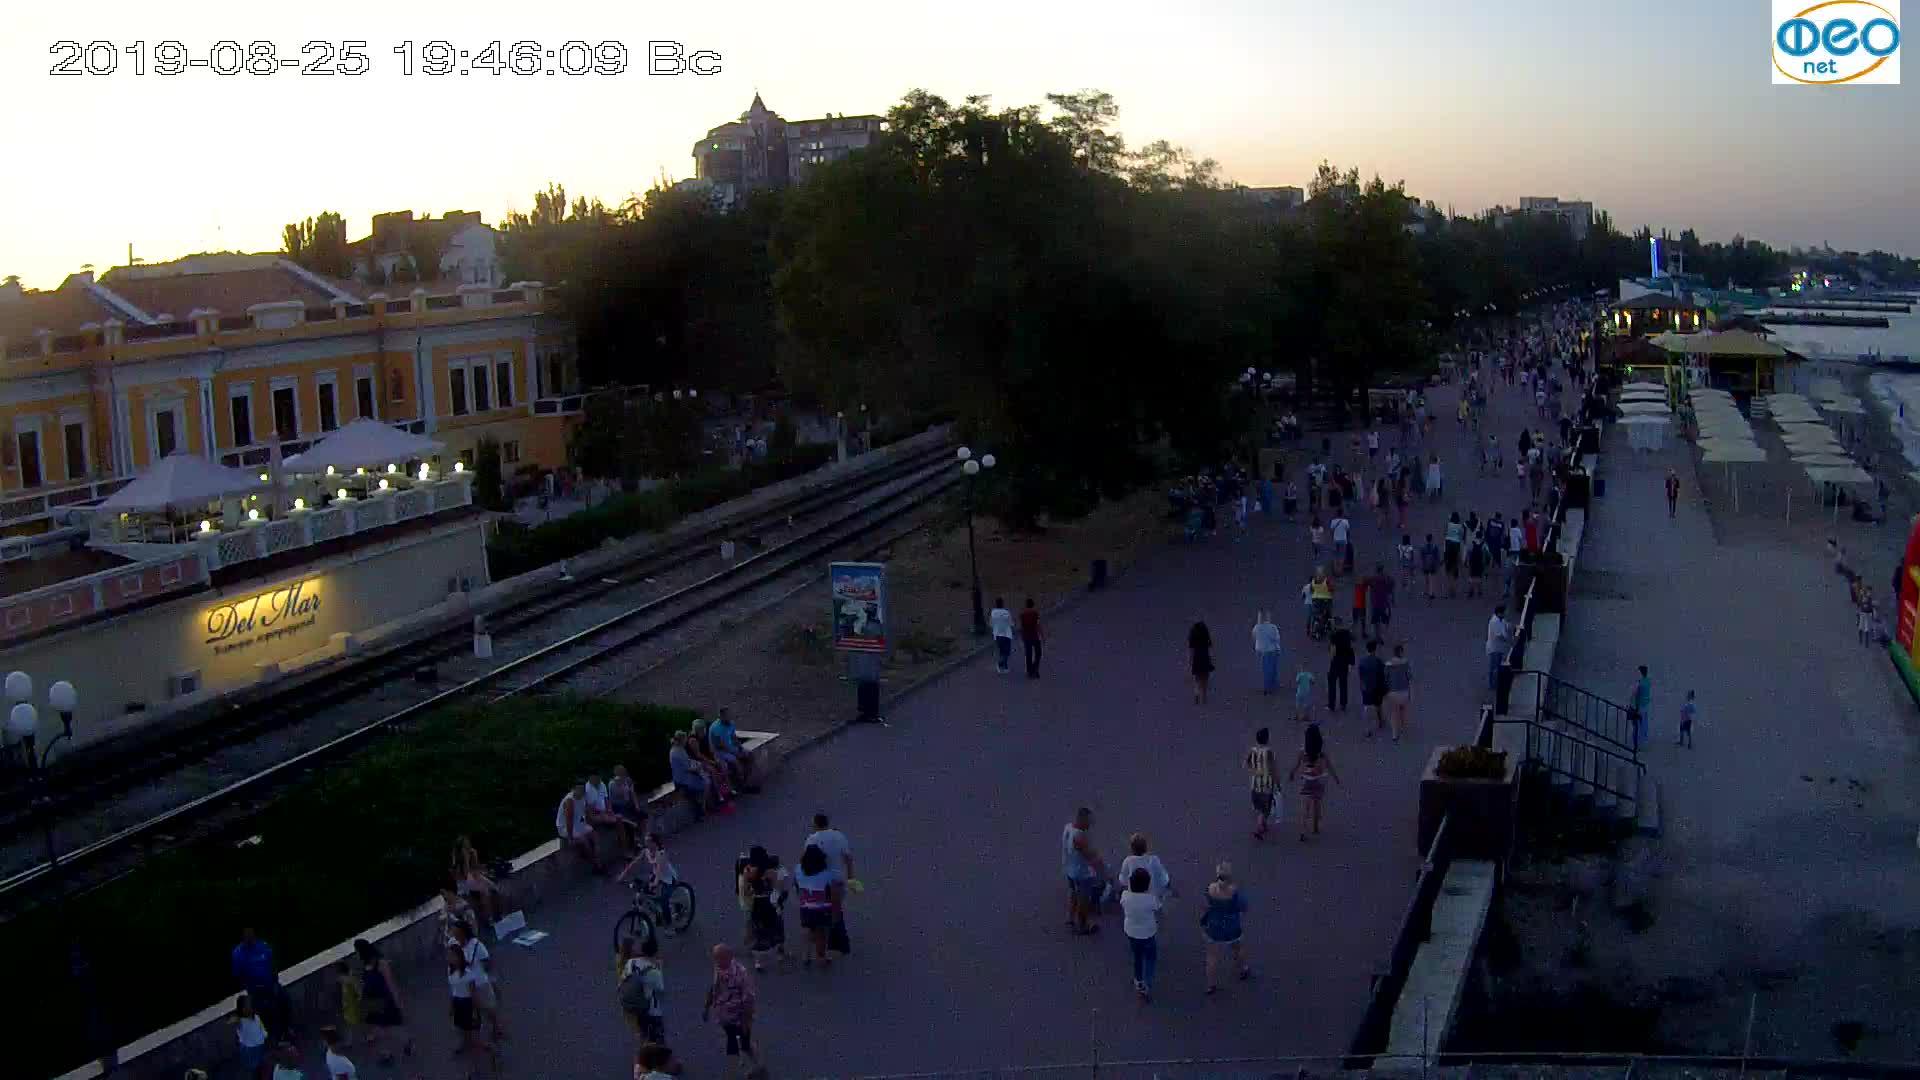 Веб-камеры Феодосии, Набережная, 2019-08-25 19:40:05